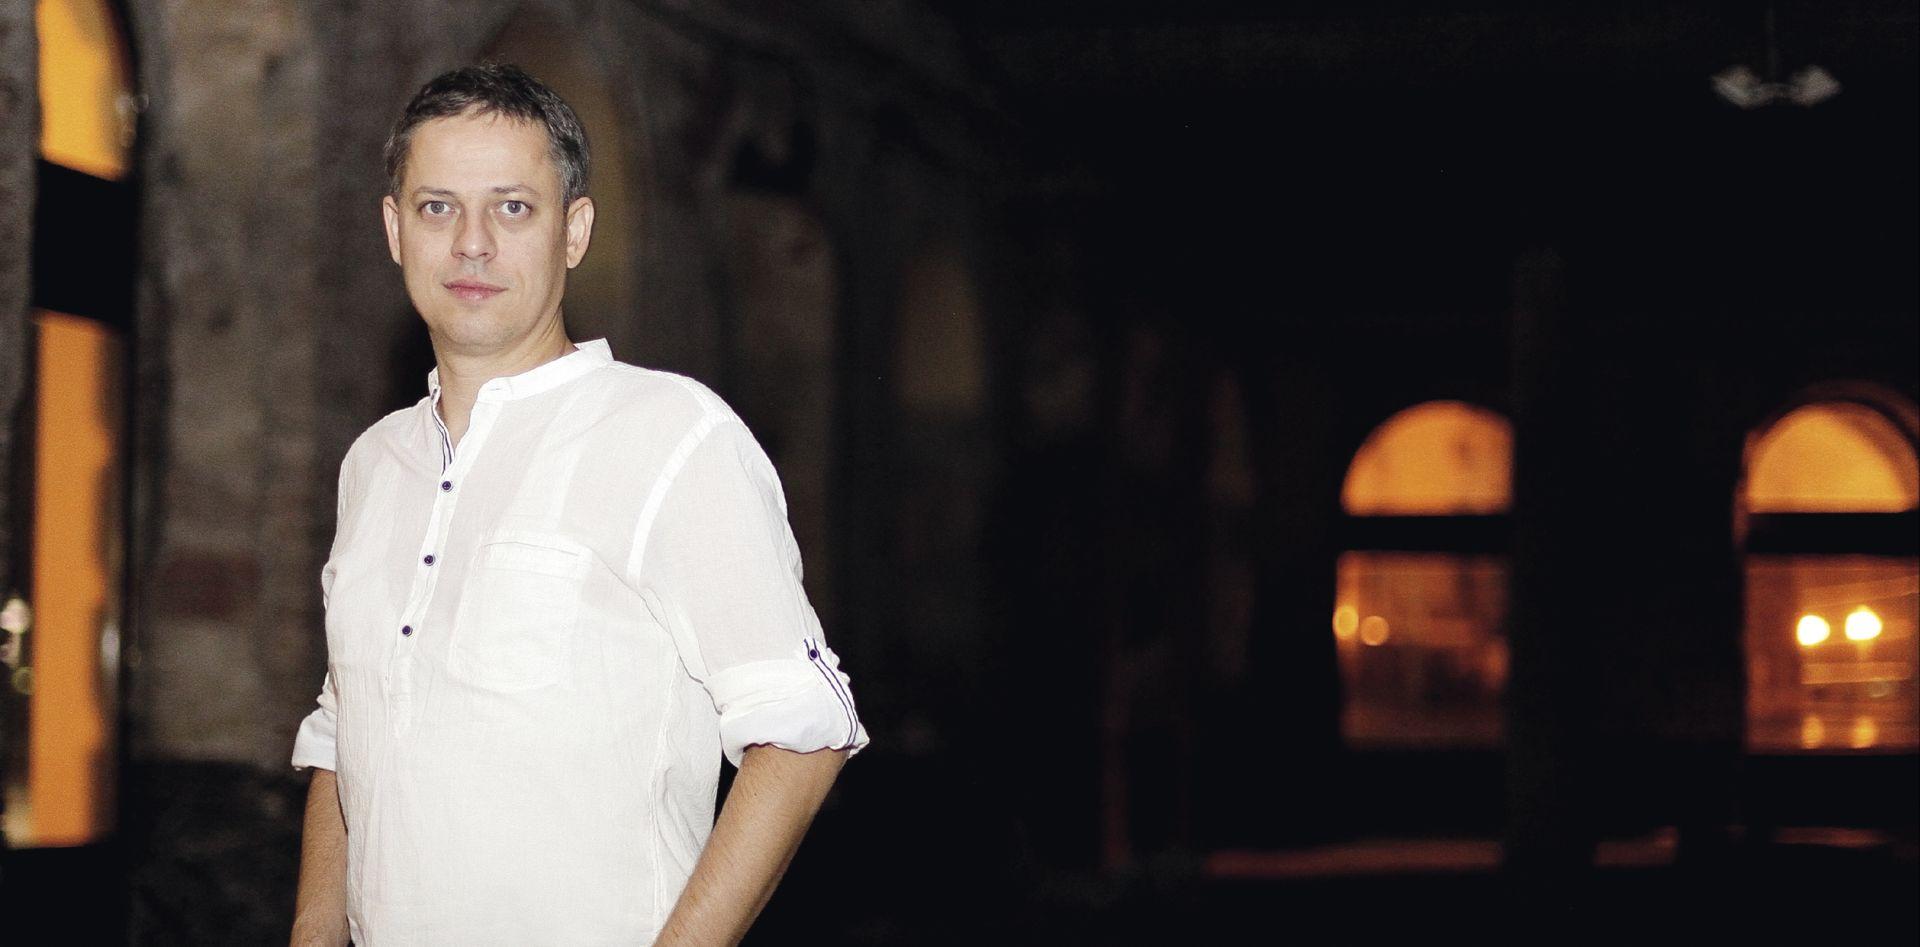 INTERVIEW: BOJAN VULETIĆ 'Rat je tragedija kojom su se okoristili kriminalci i političari'